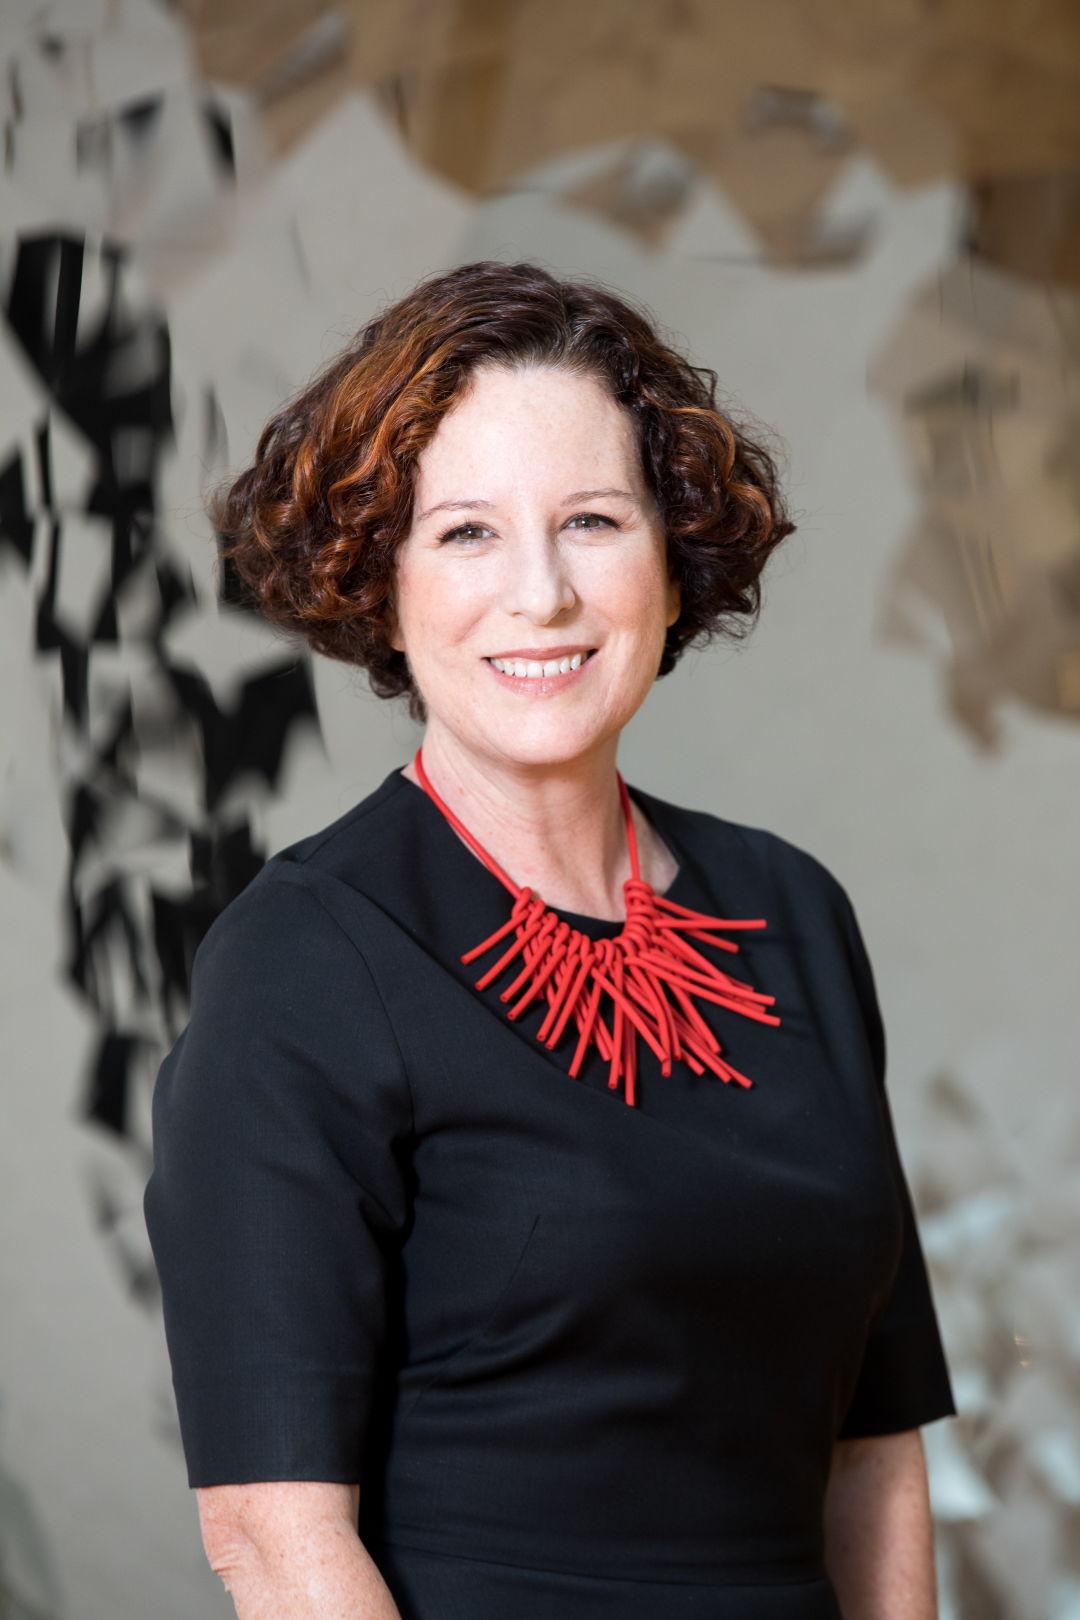 Virginia Shearer